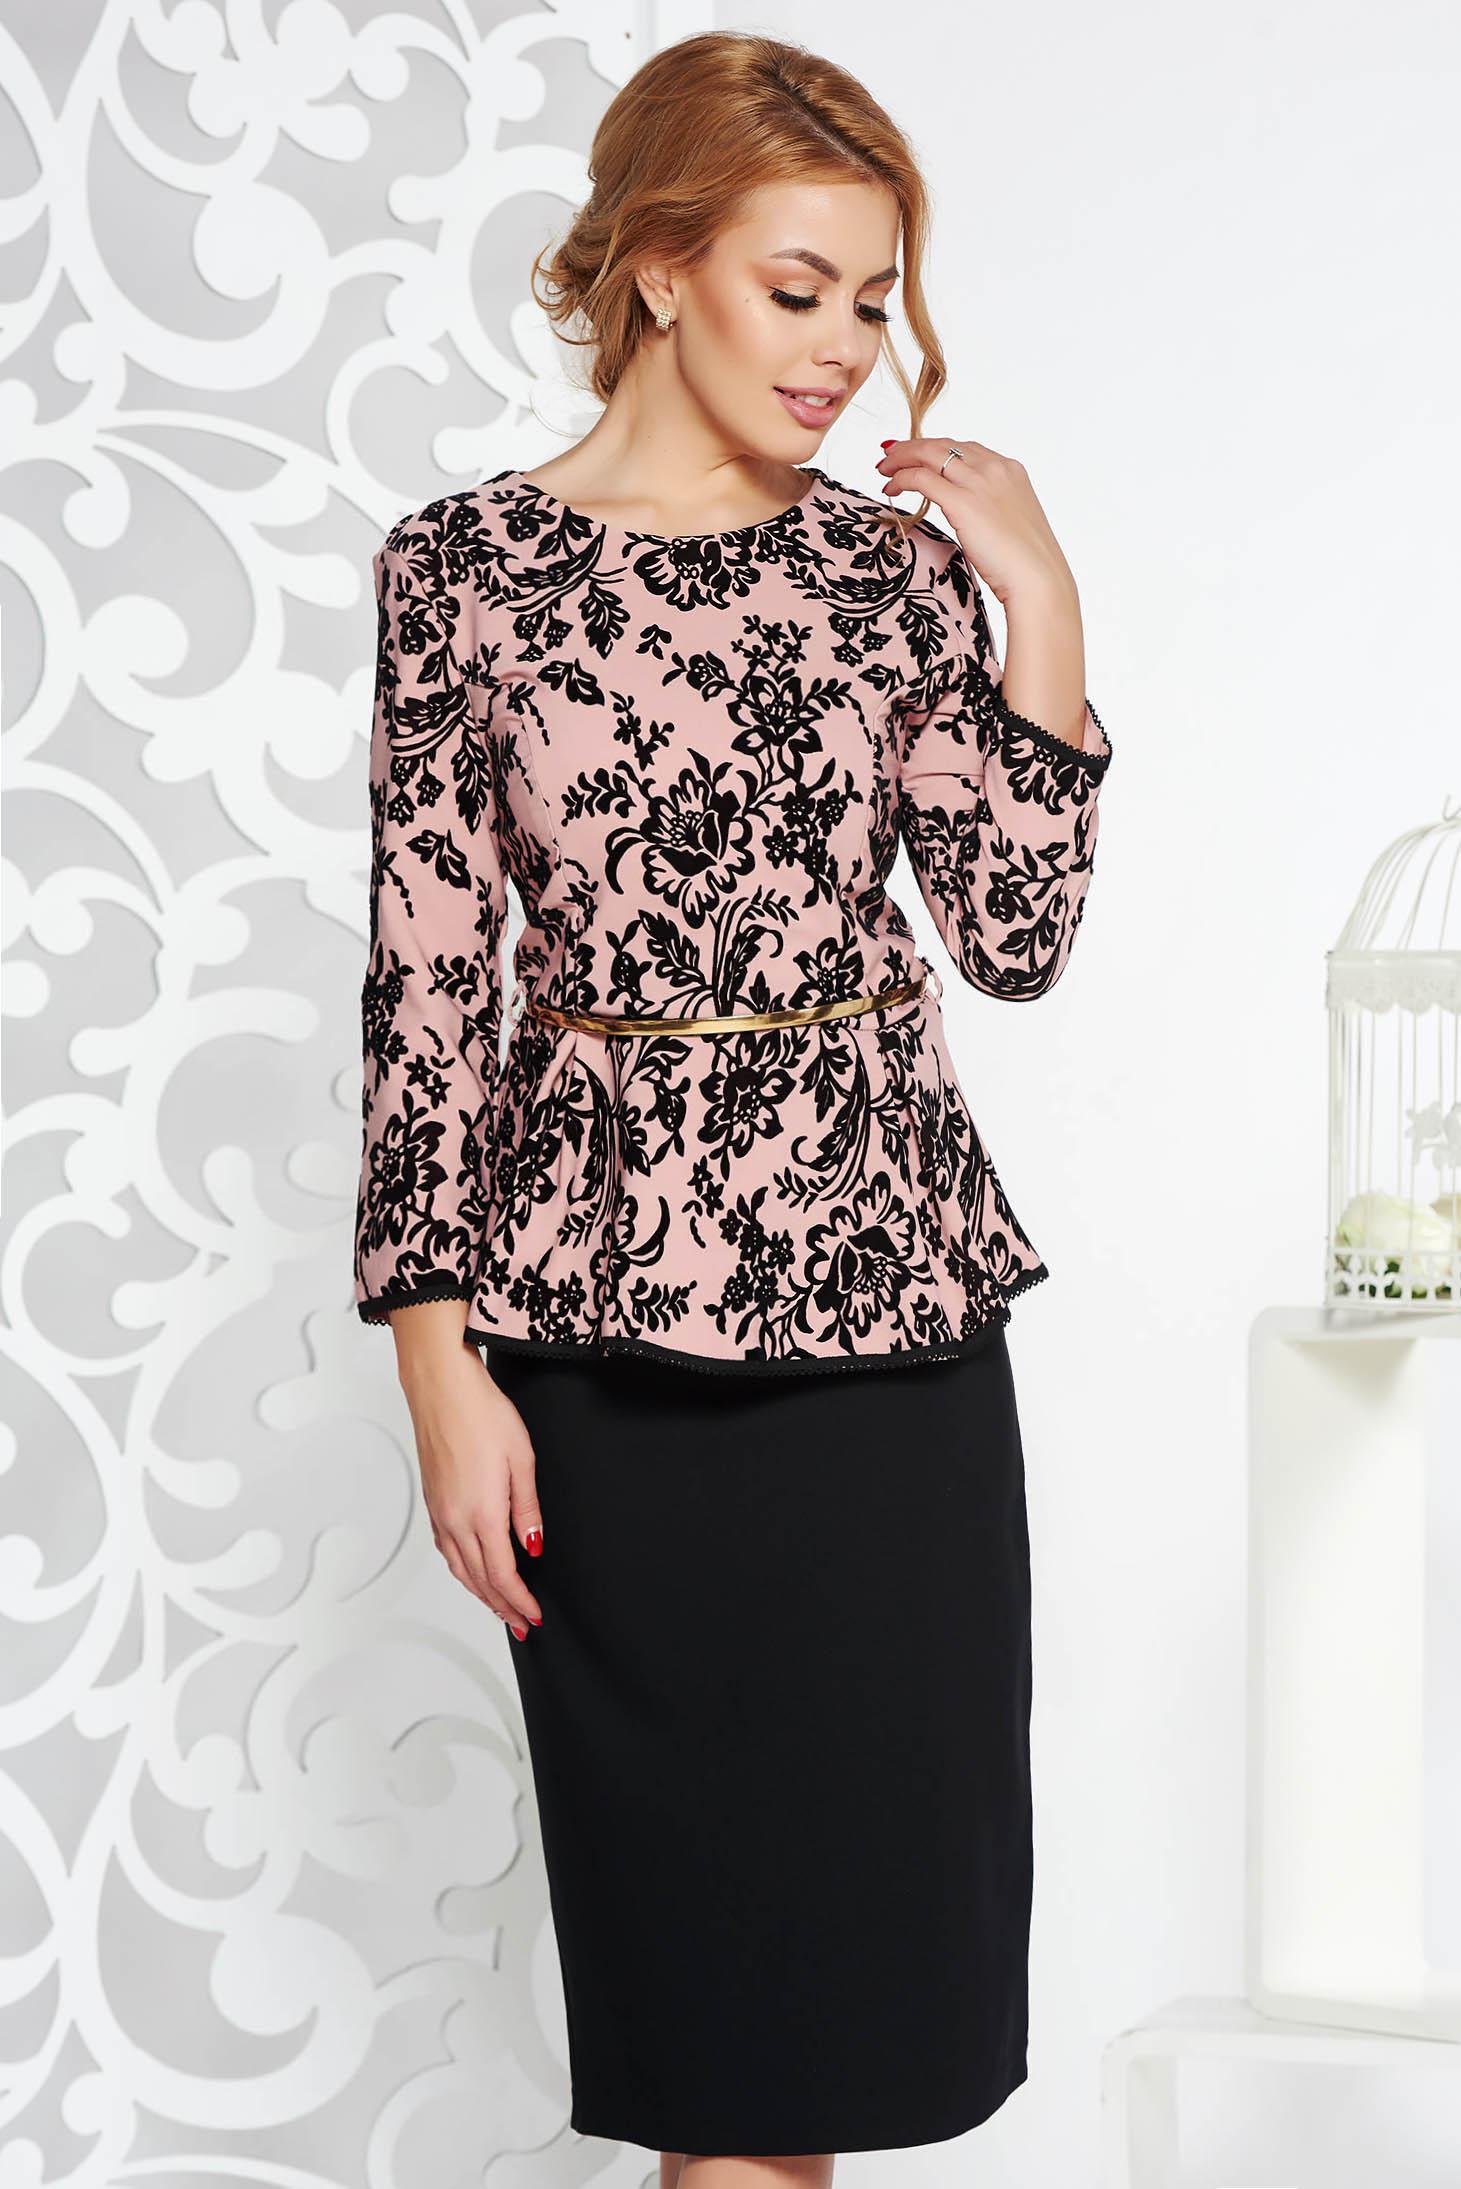 70ad7cacd1 Világos rózsaszín alkalmi női kosztüm enyhén elasztikus pamut öv típusú  kiegészítővel